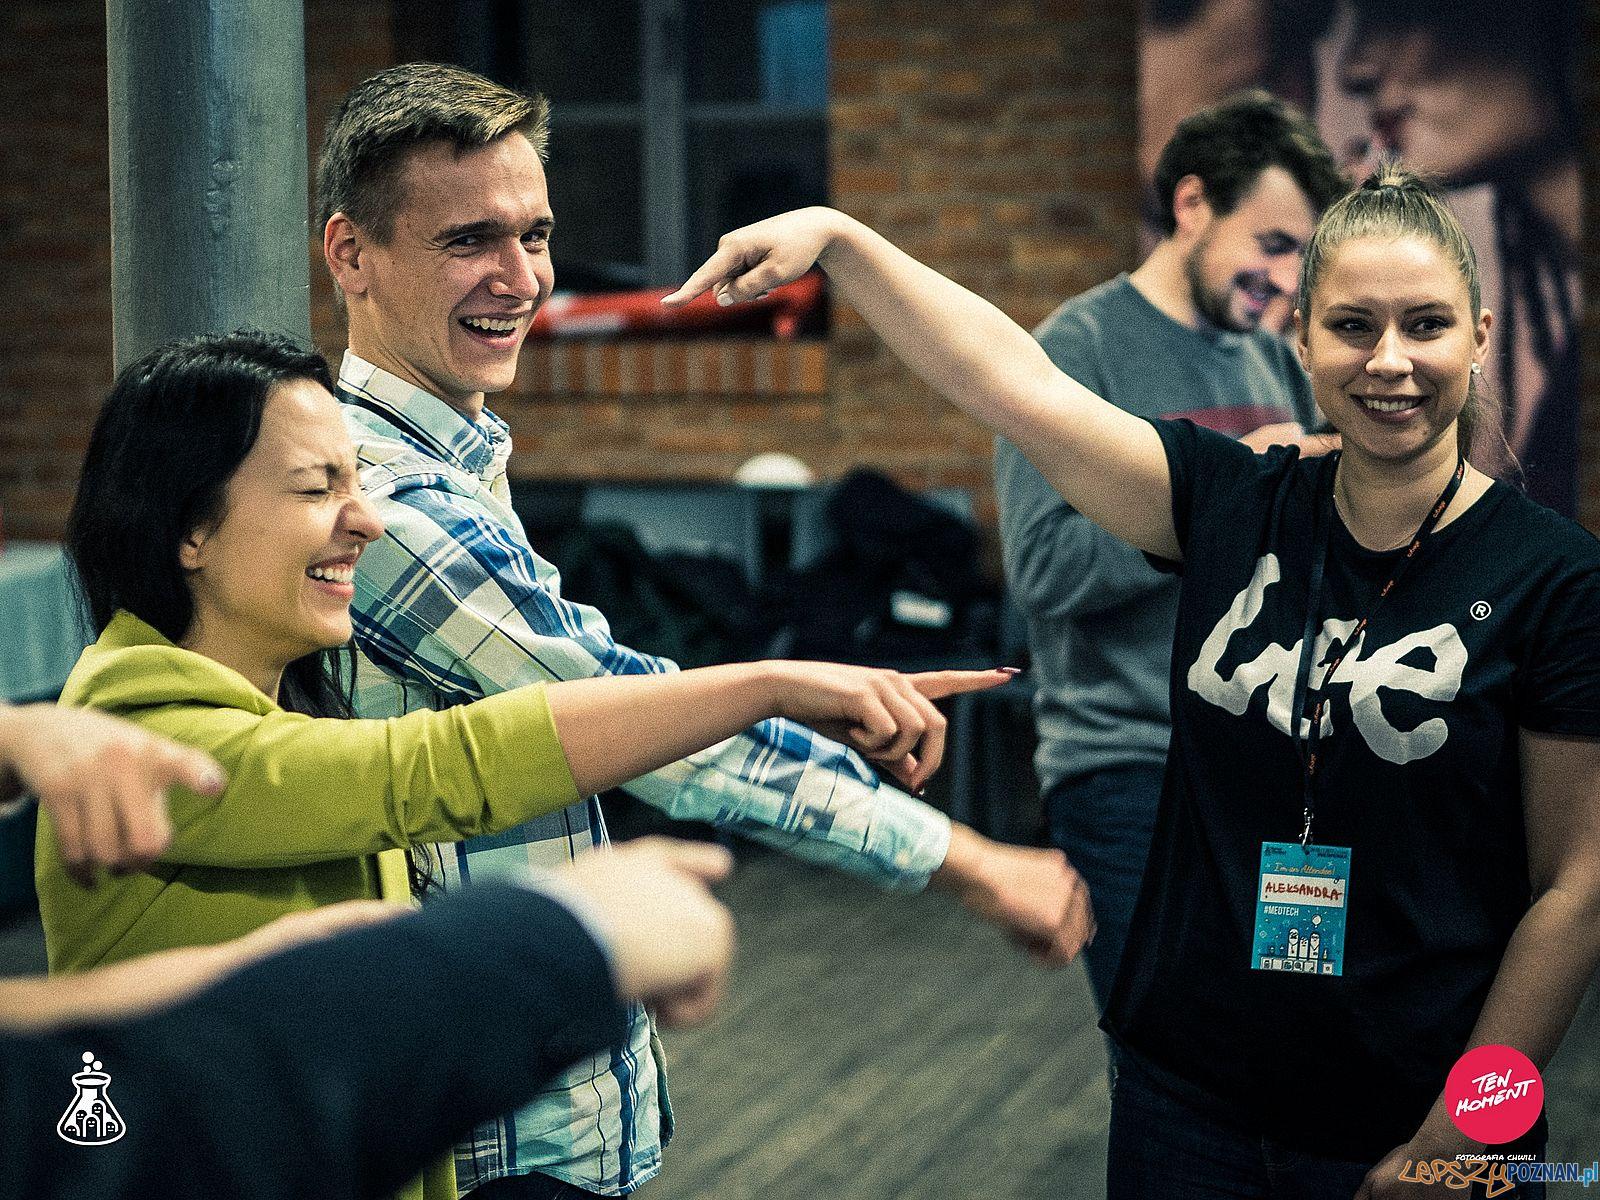 Startup weekend - zdrowie i medycyna  Foto: Tomasz Cholewa / materiały prasowe